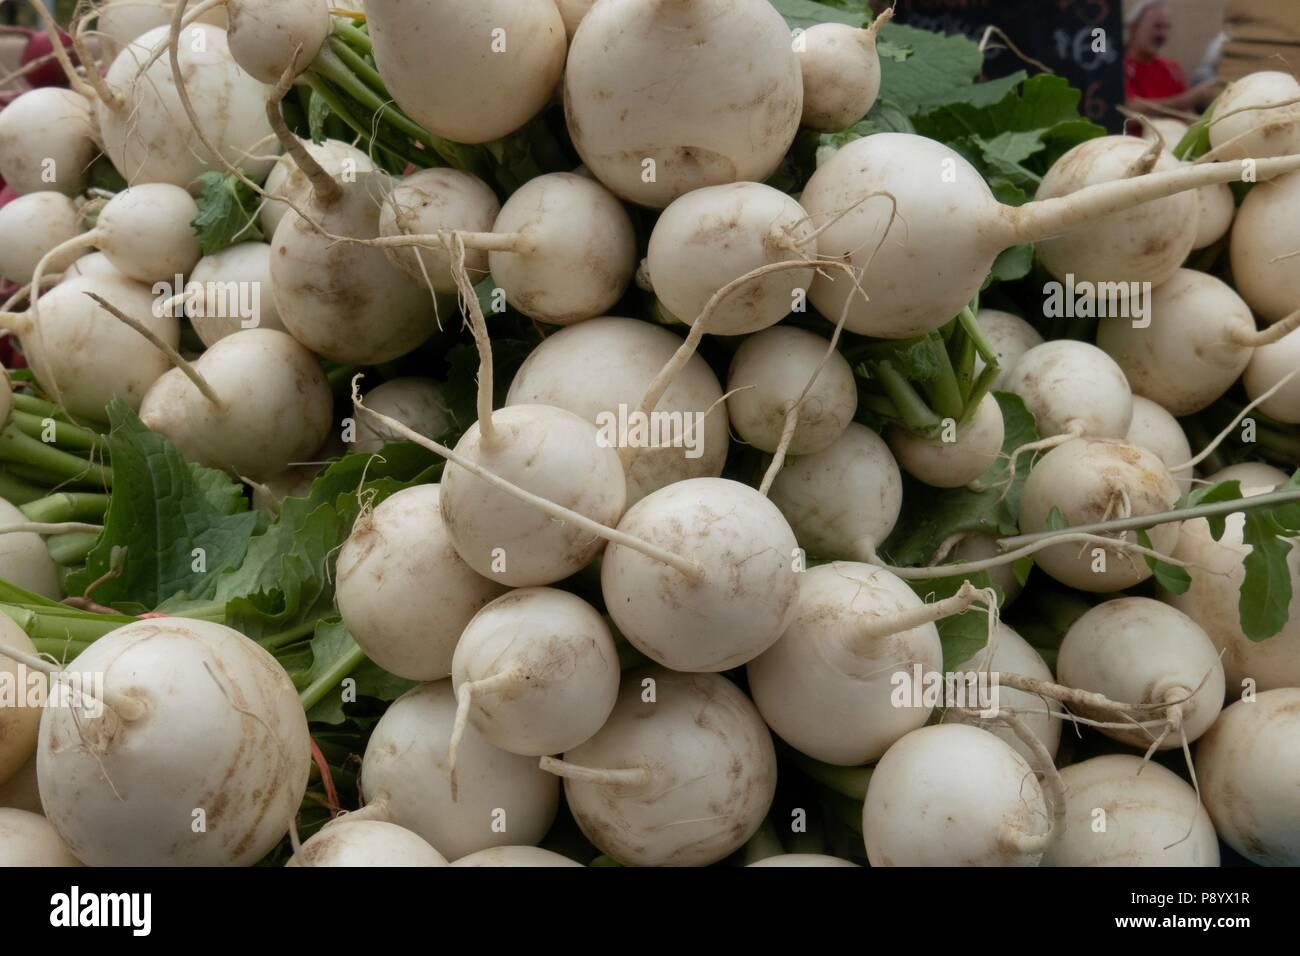 Still life de racimos de nabos orgánicos para la venta en un mercado de granjeros Imagen De Stock